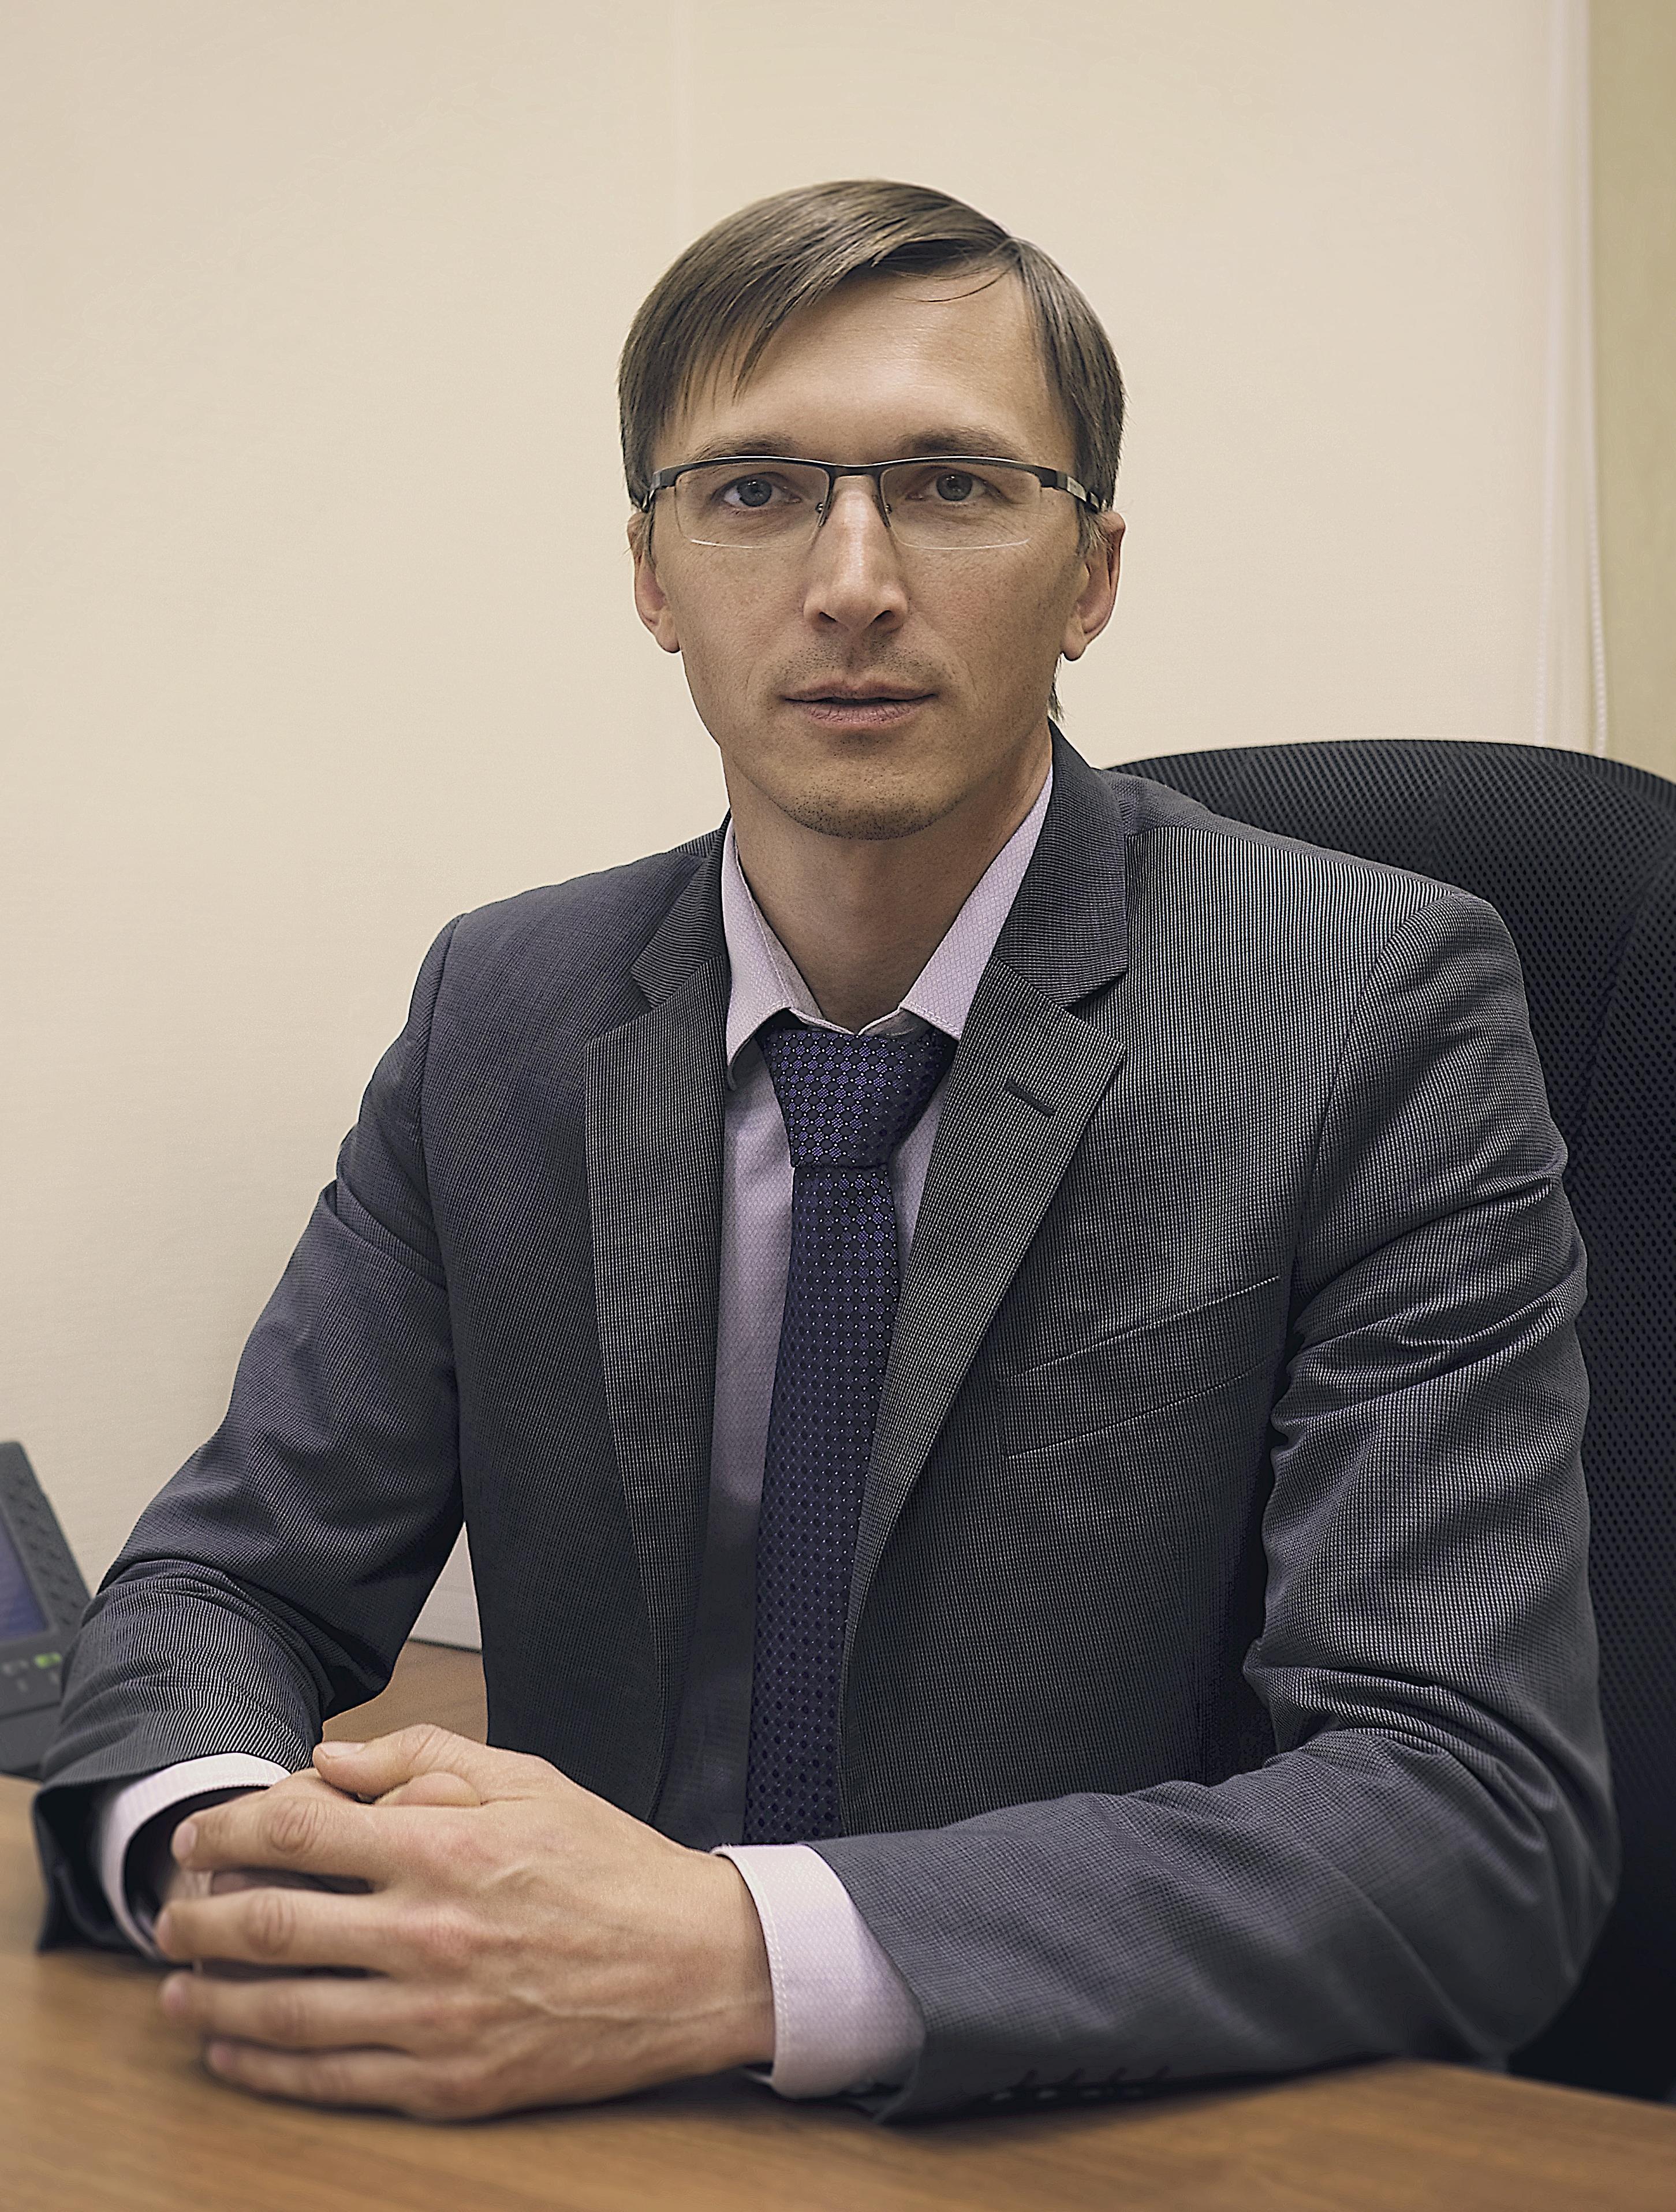 Рыгозов Павел Сергеевич